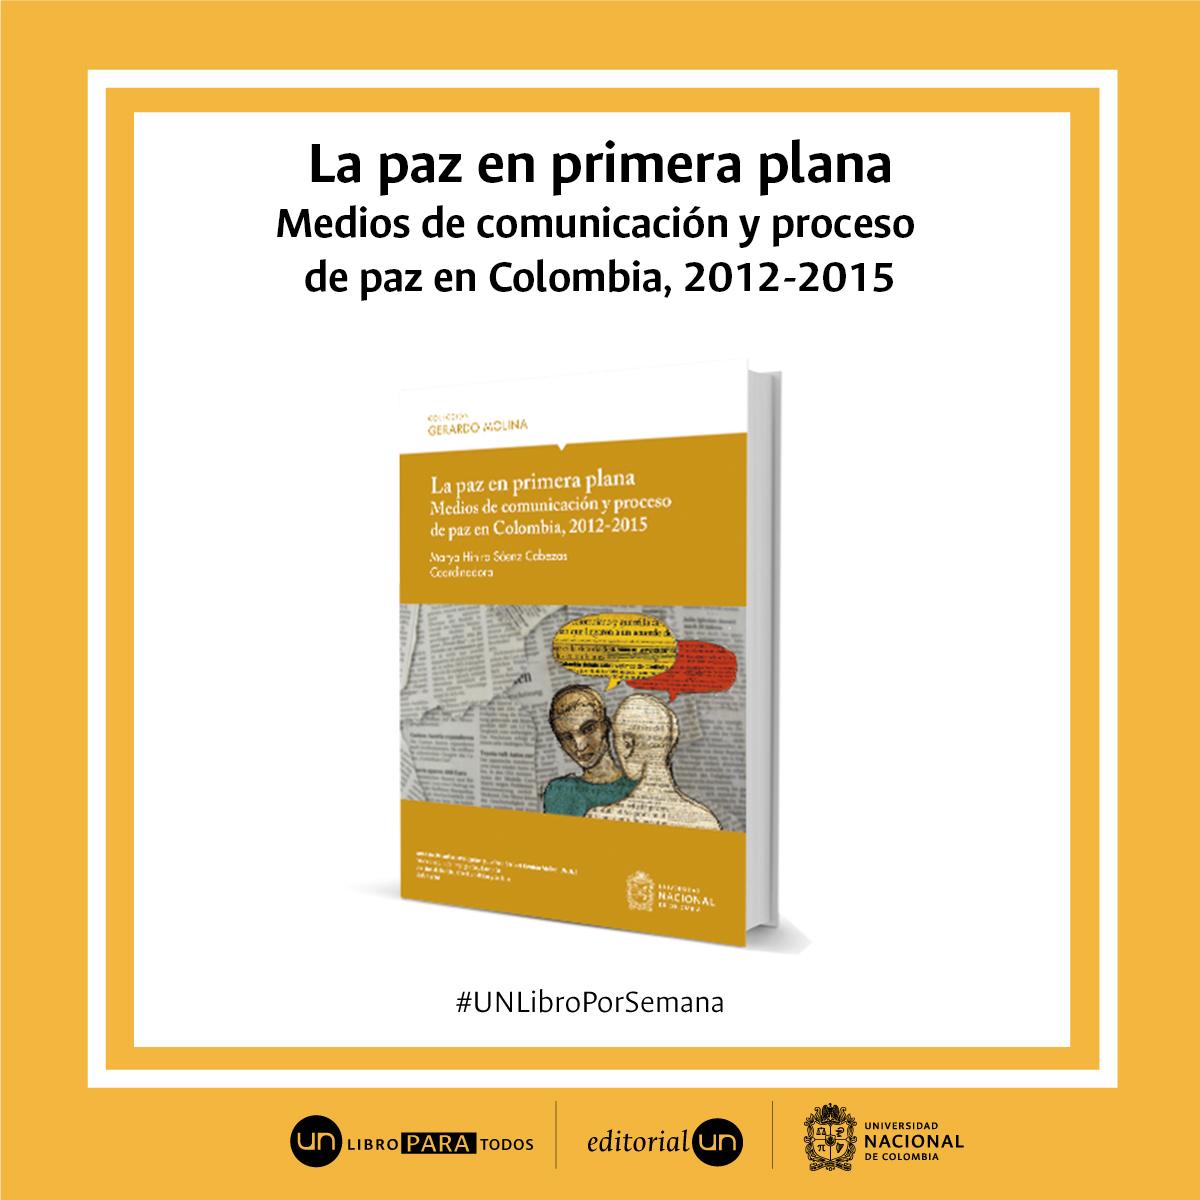 #UNlibroporsemana 'La paz en primera plana. Medios de comunicación y proceso de paz en Colombia, 2012-2015'